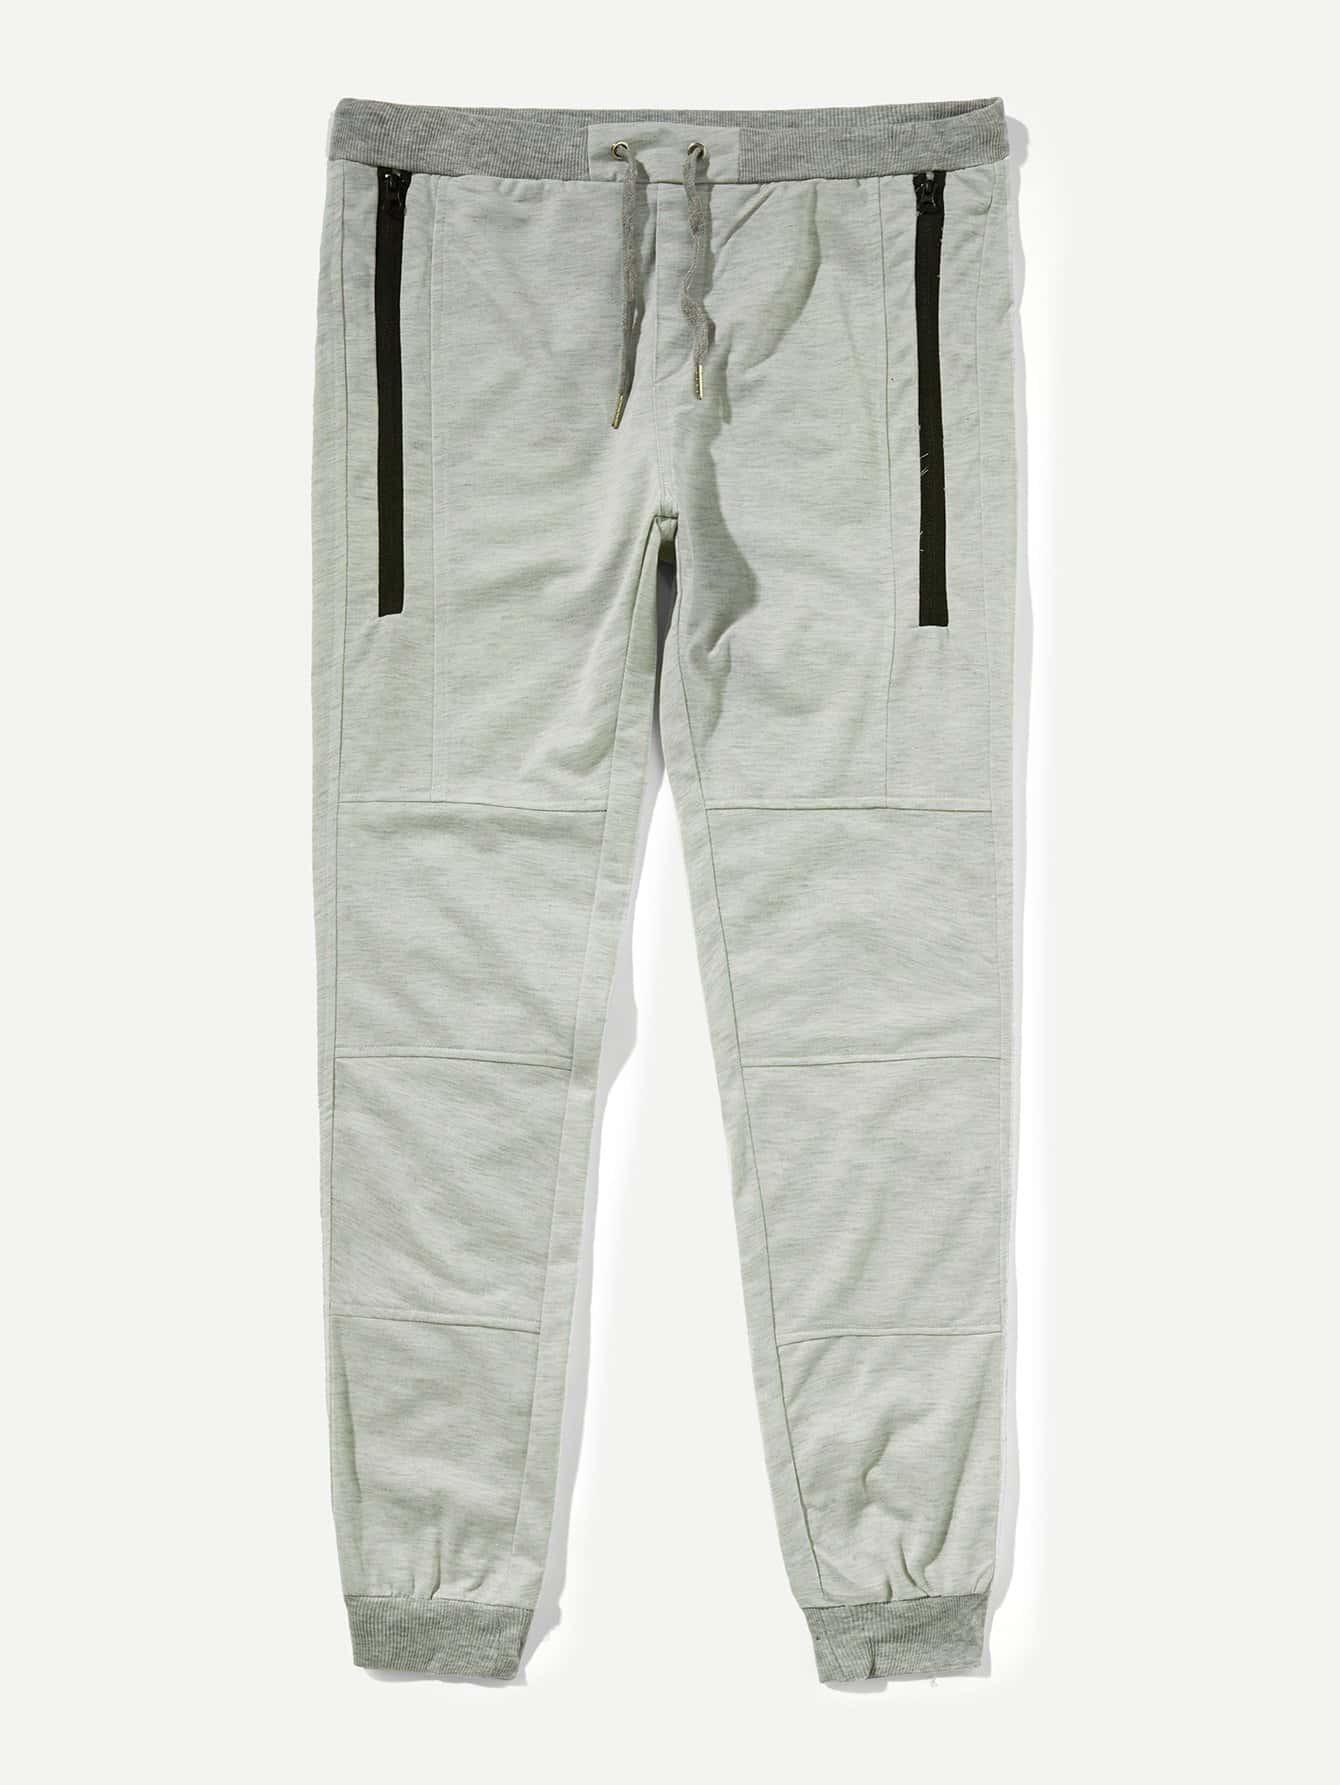 Купить Полотняняые брюки с басоном эластичным для мужчины, null, SheIn